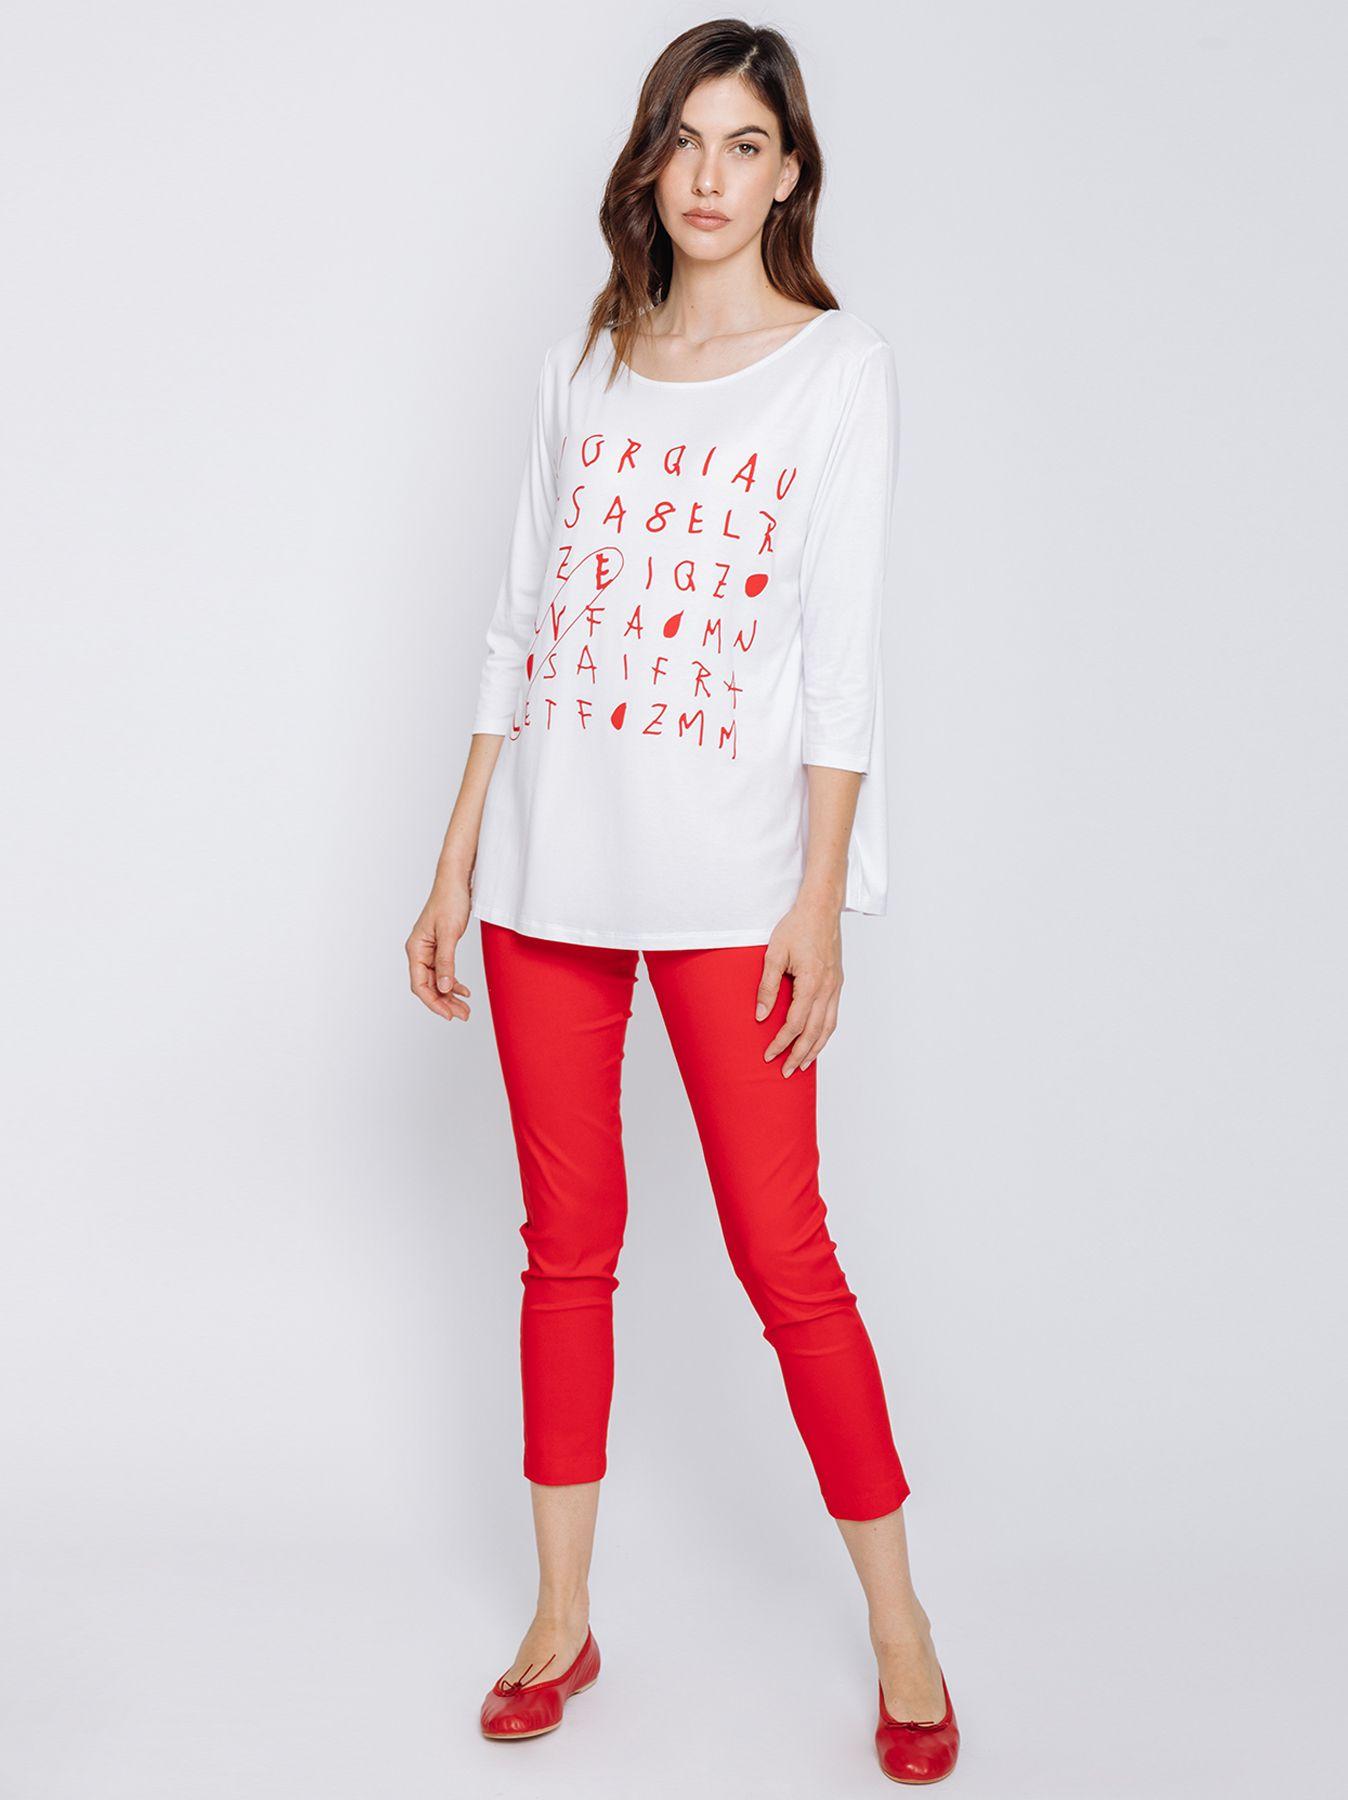 T-shirt CRUCIVERBA